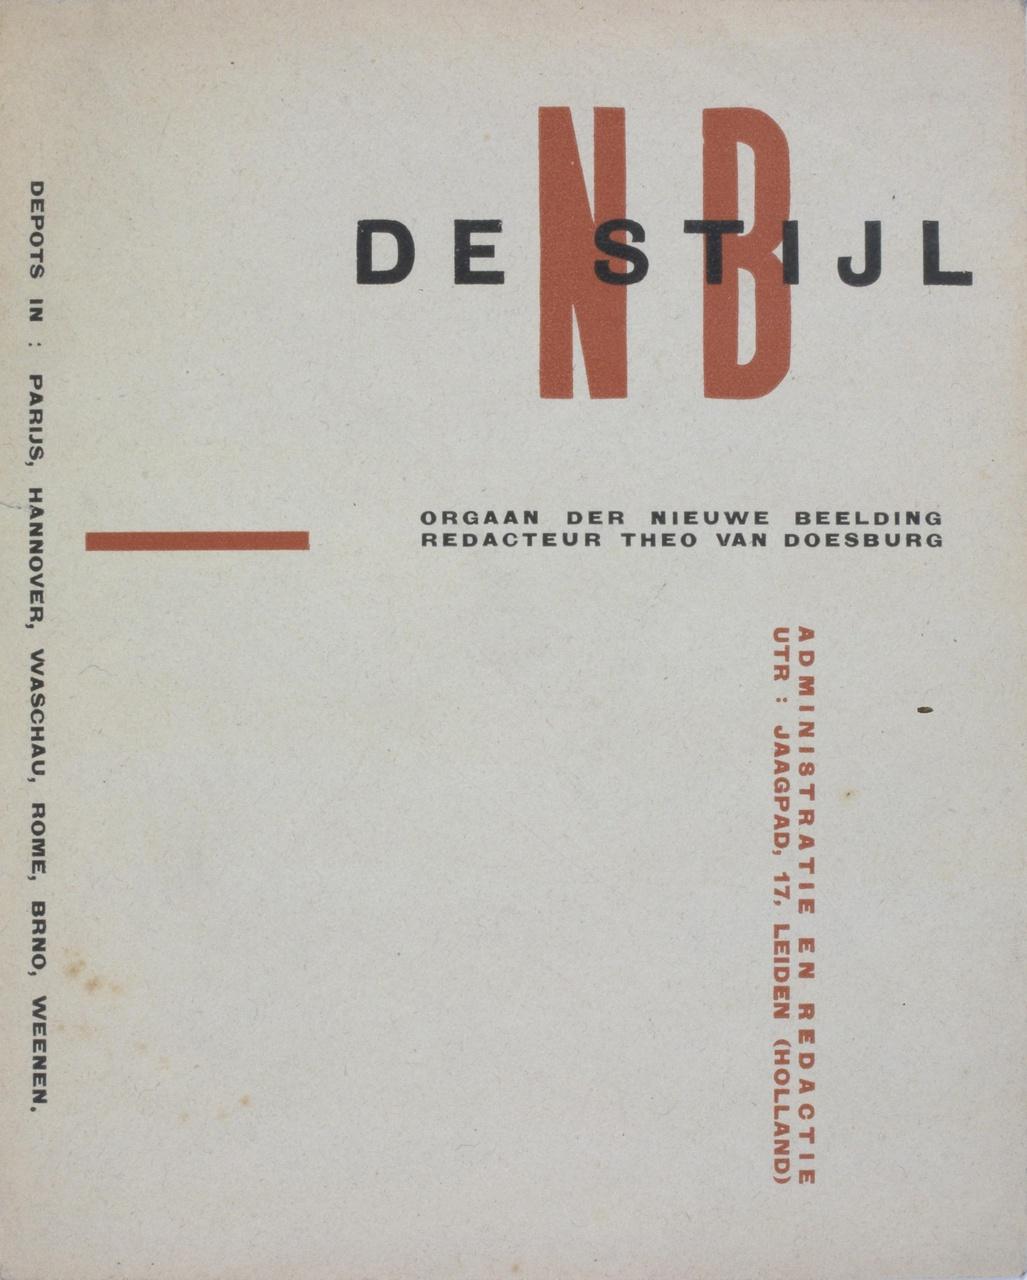 Typografie voor De Stijl vanaf 1917, envelop